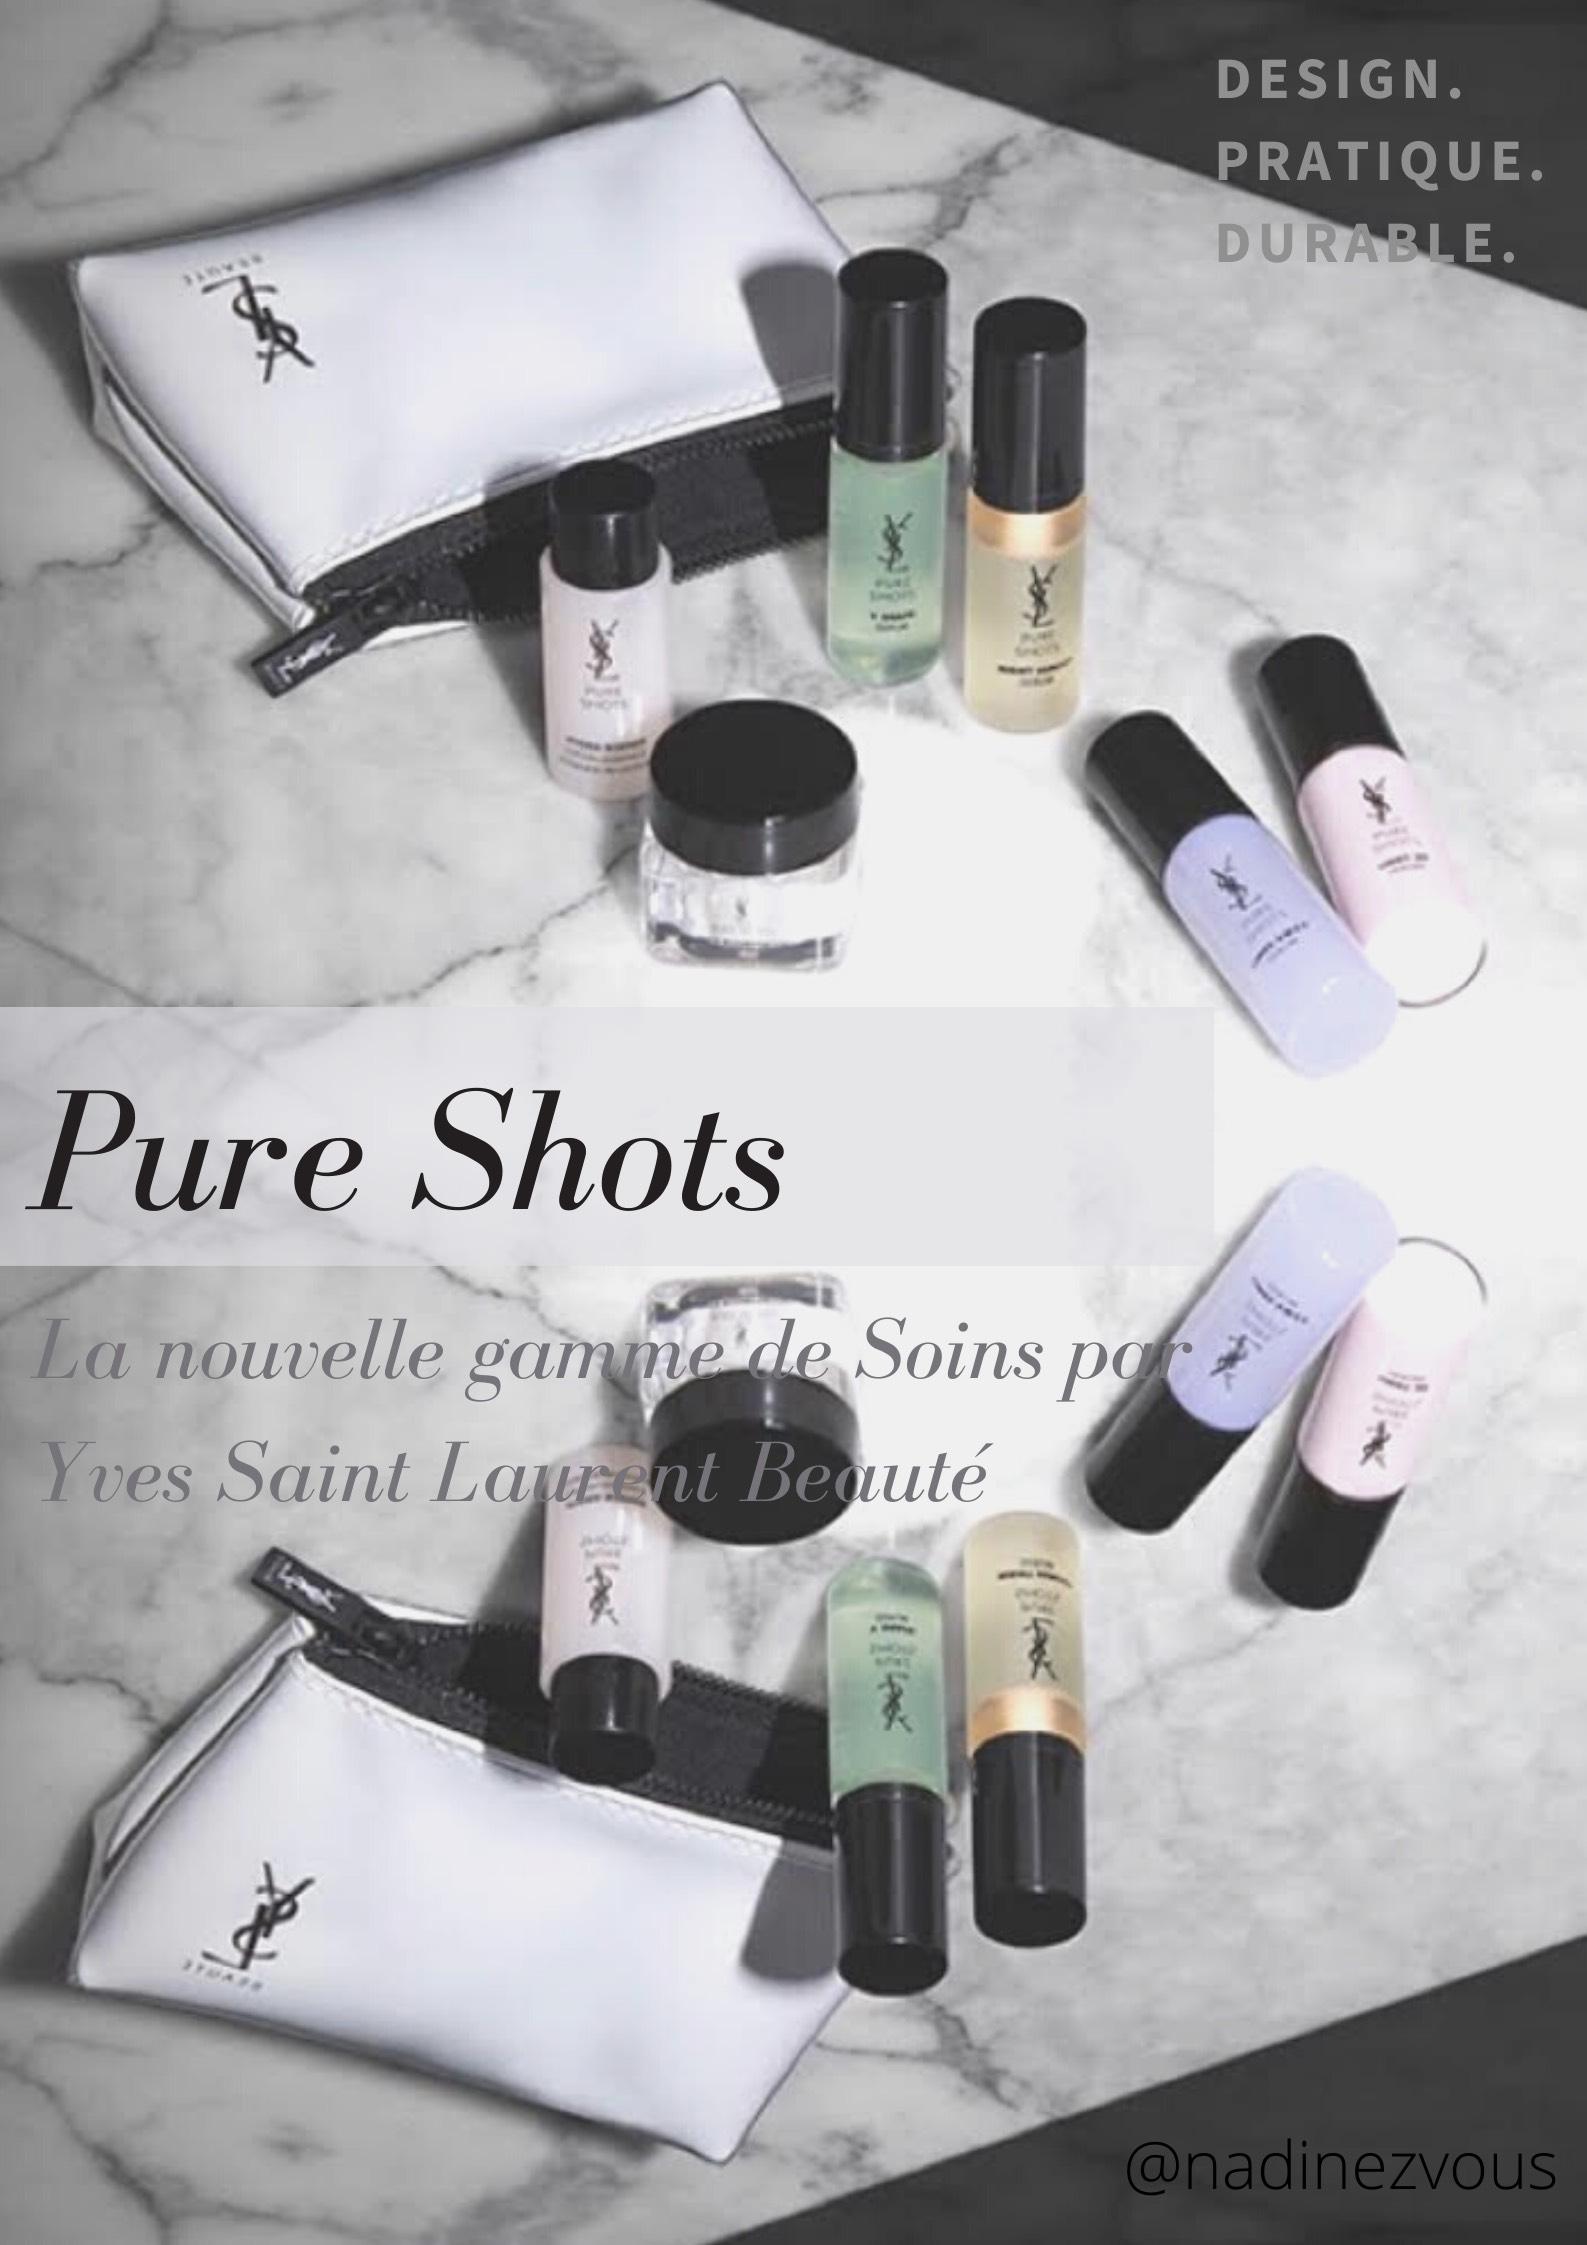 Découvrez Pure Shots, la nouvelle gamme de Soins par Yves Saint Laurent Beauté